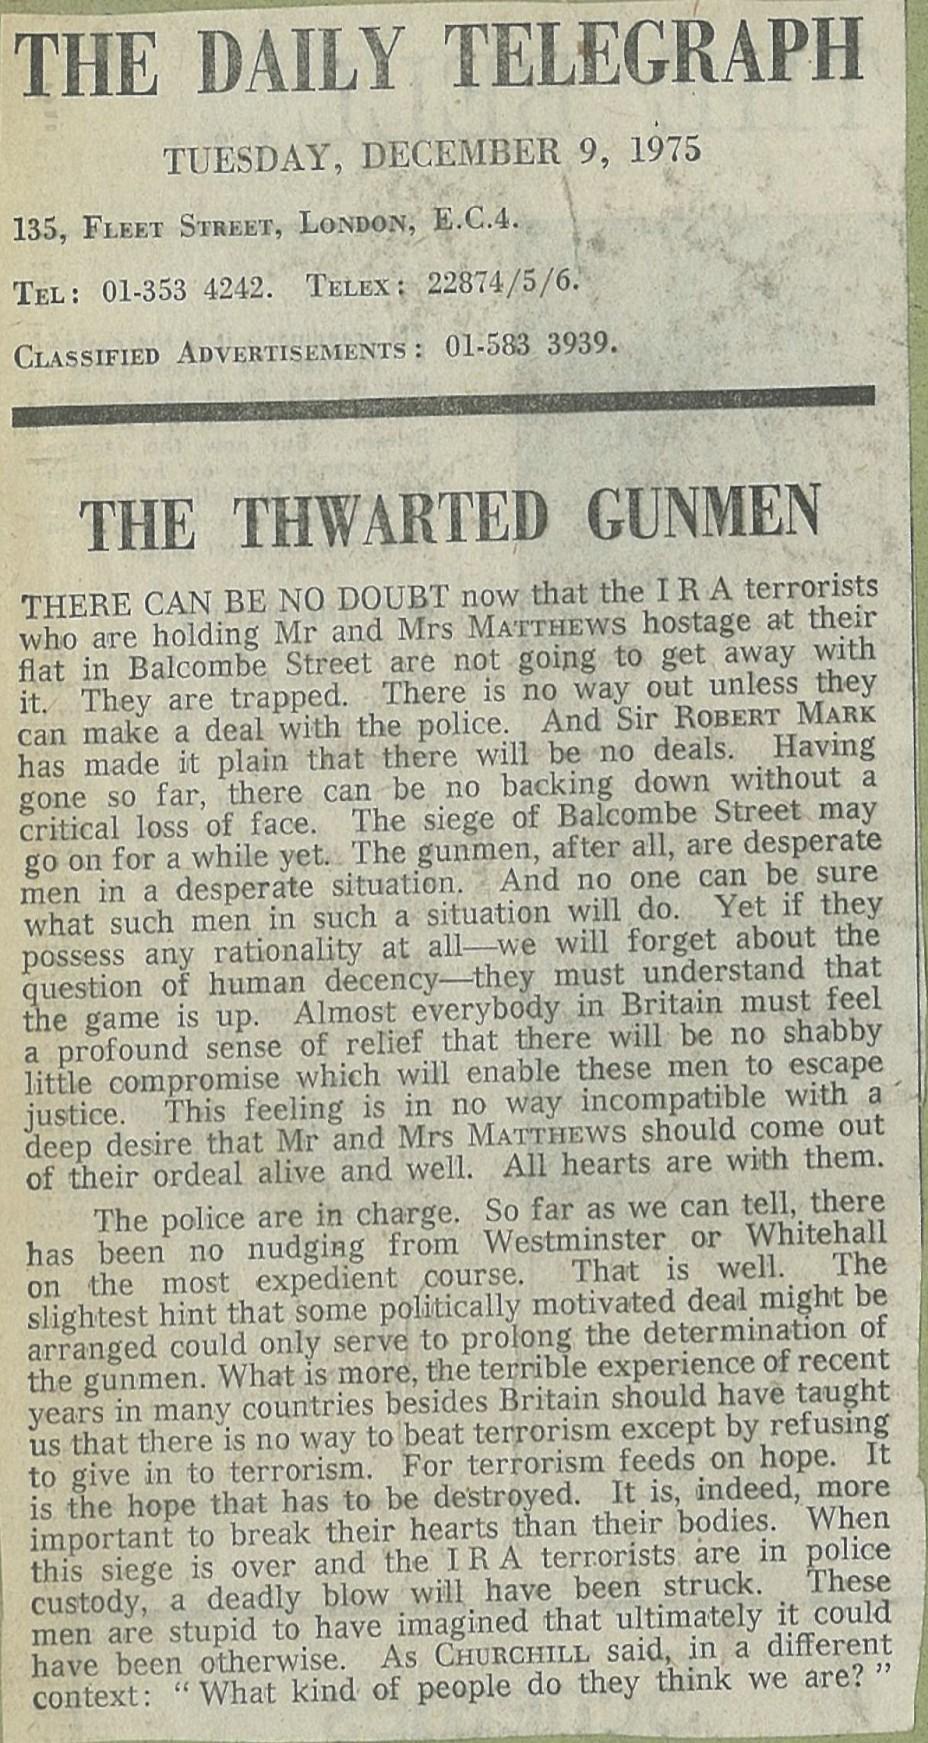 the thwarted gunmen